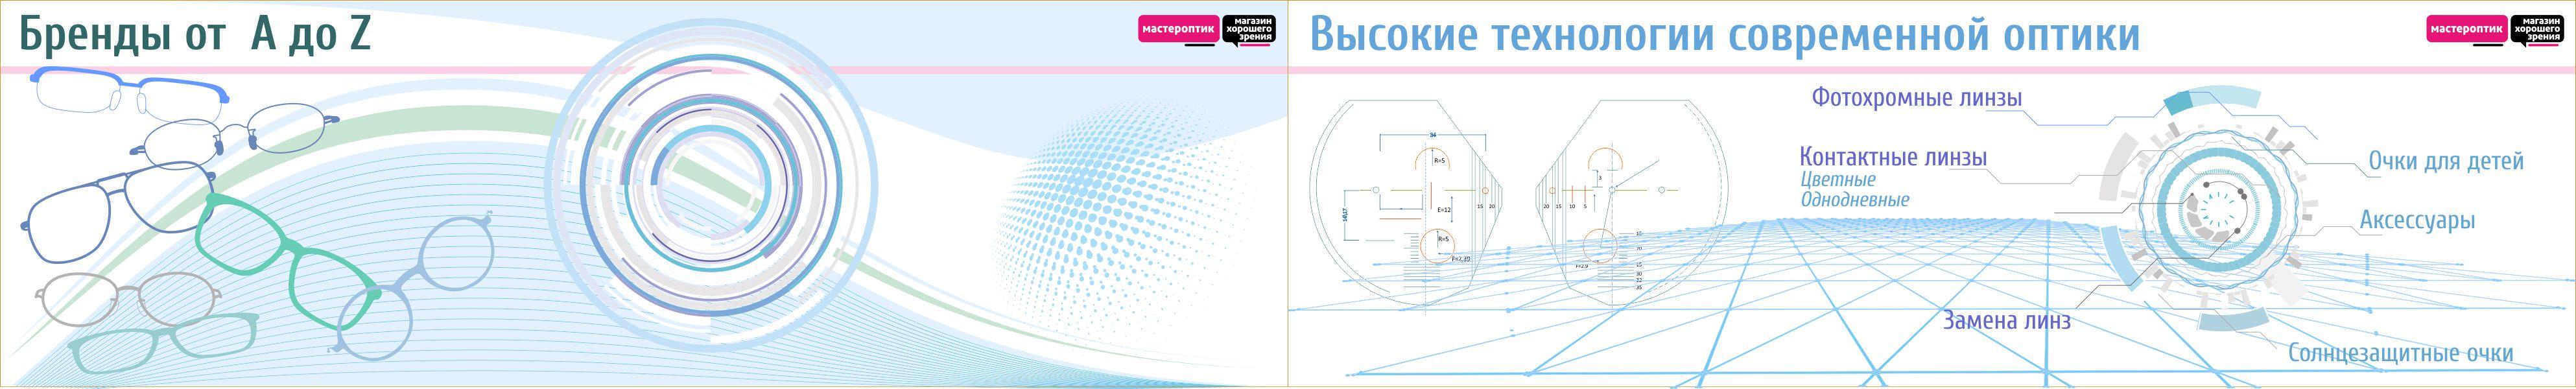 Создание нескольких графических панно для оптической компани фото f_6375904eb336c060.jpg